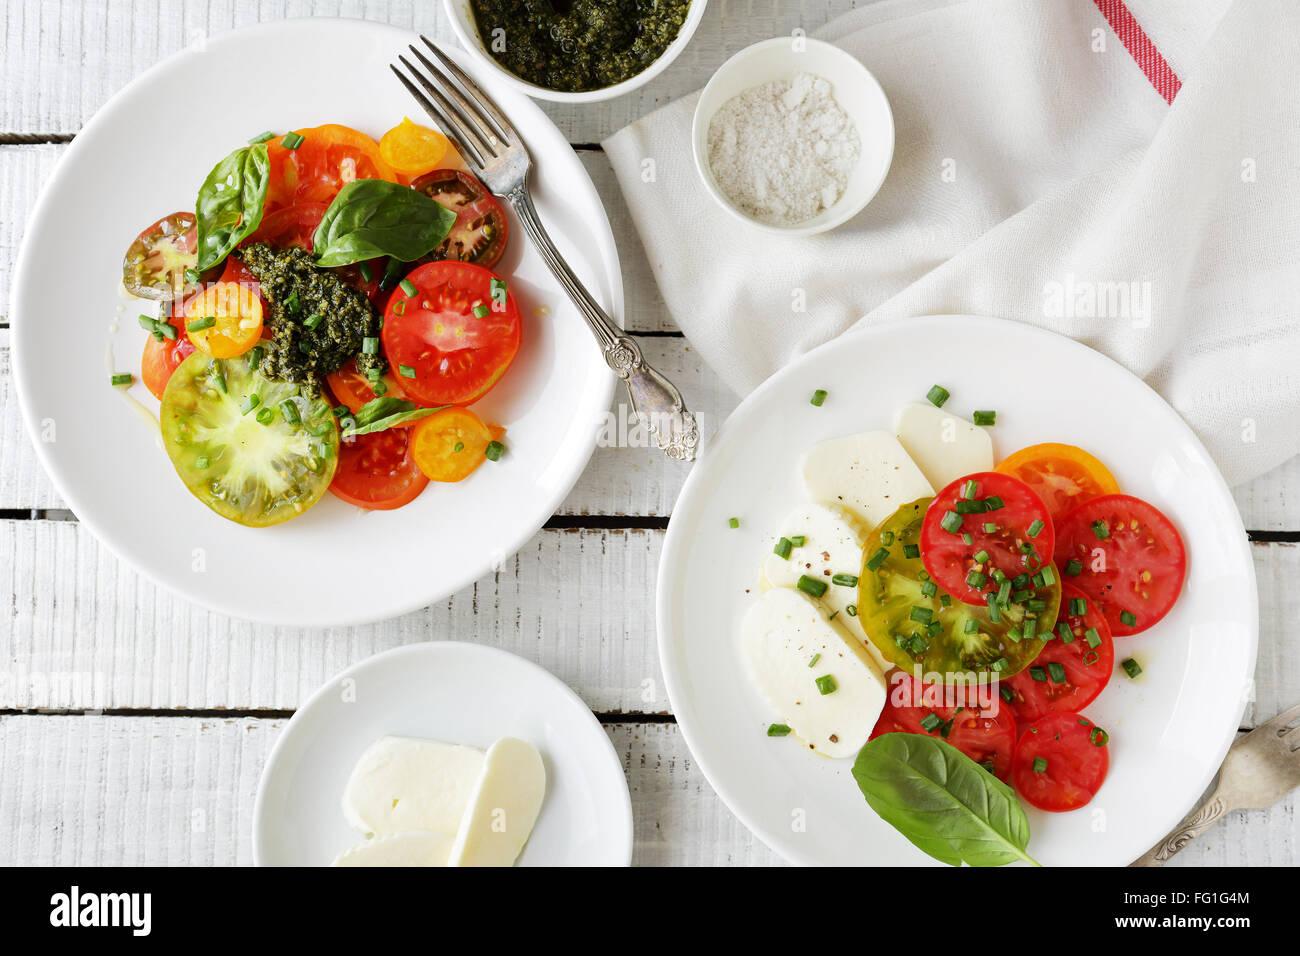 Italiano insalata caprese e pomodoro su piastra, cibo vista superiore Immagini Stock